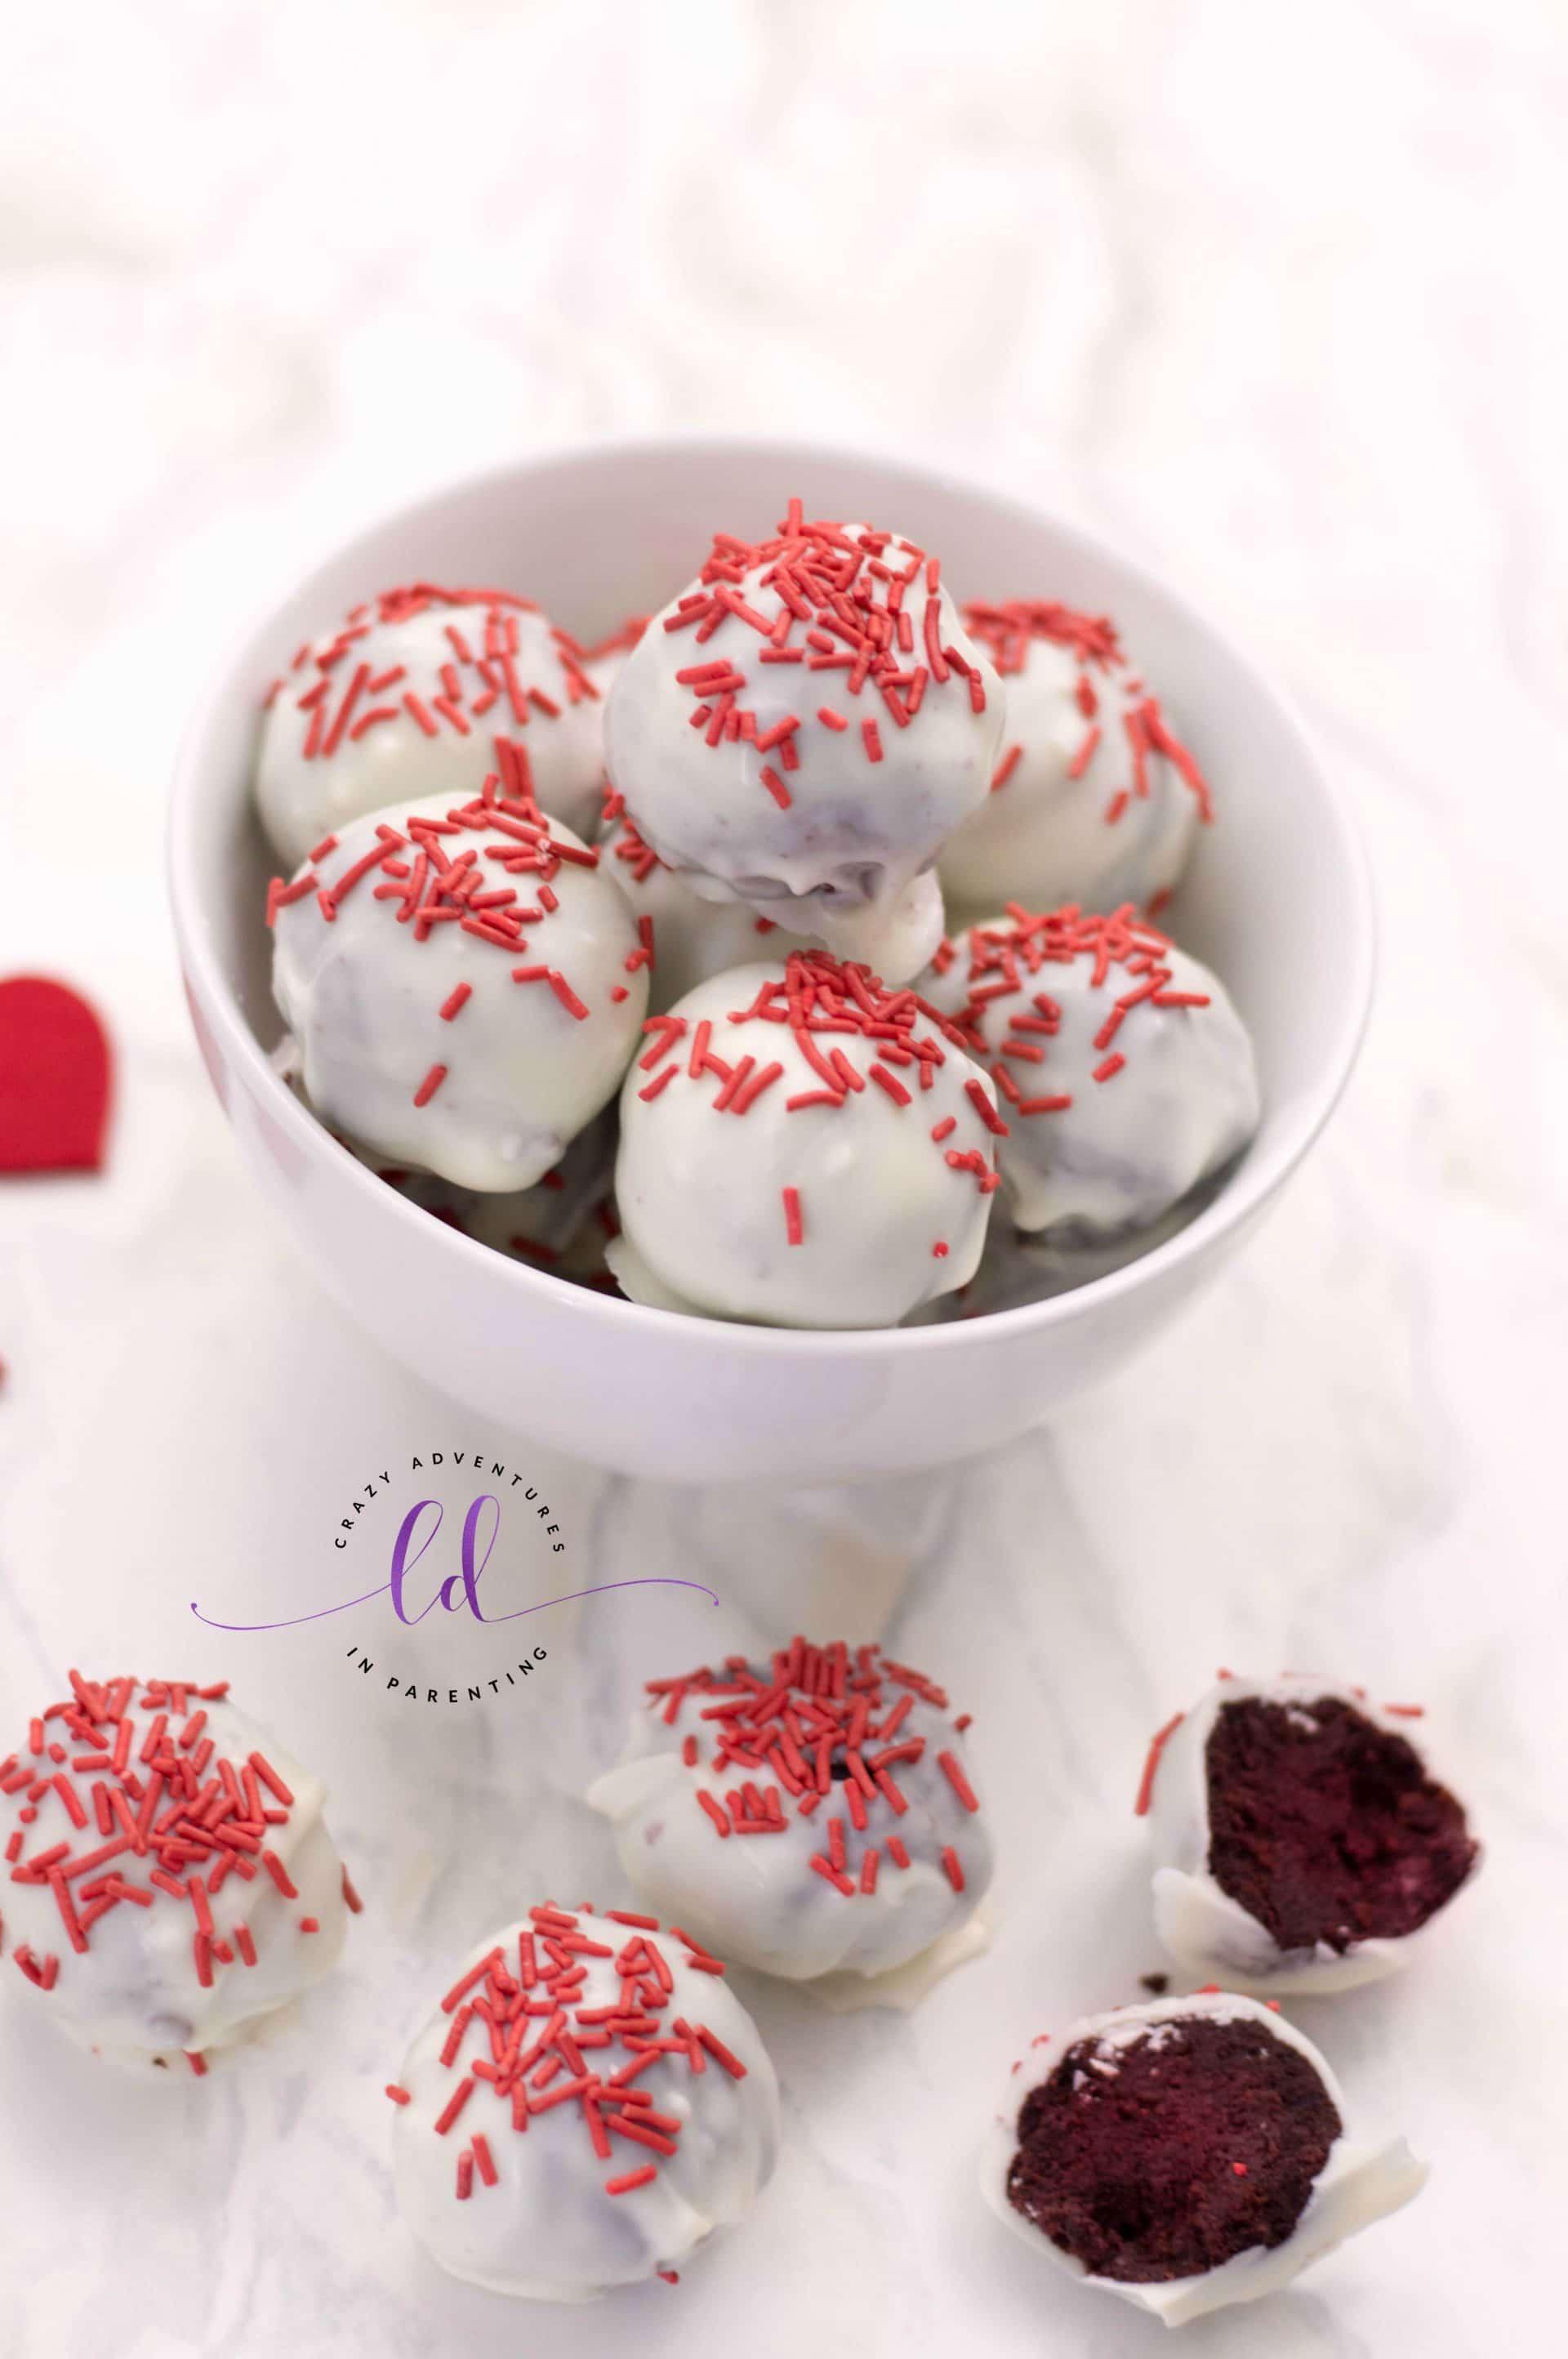 Red Velvet Truffles for Valentine's Day